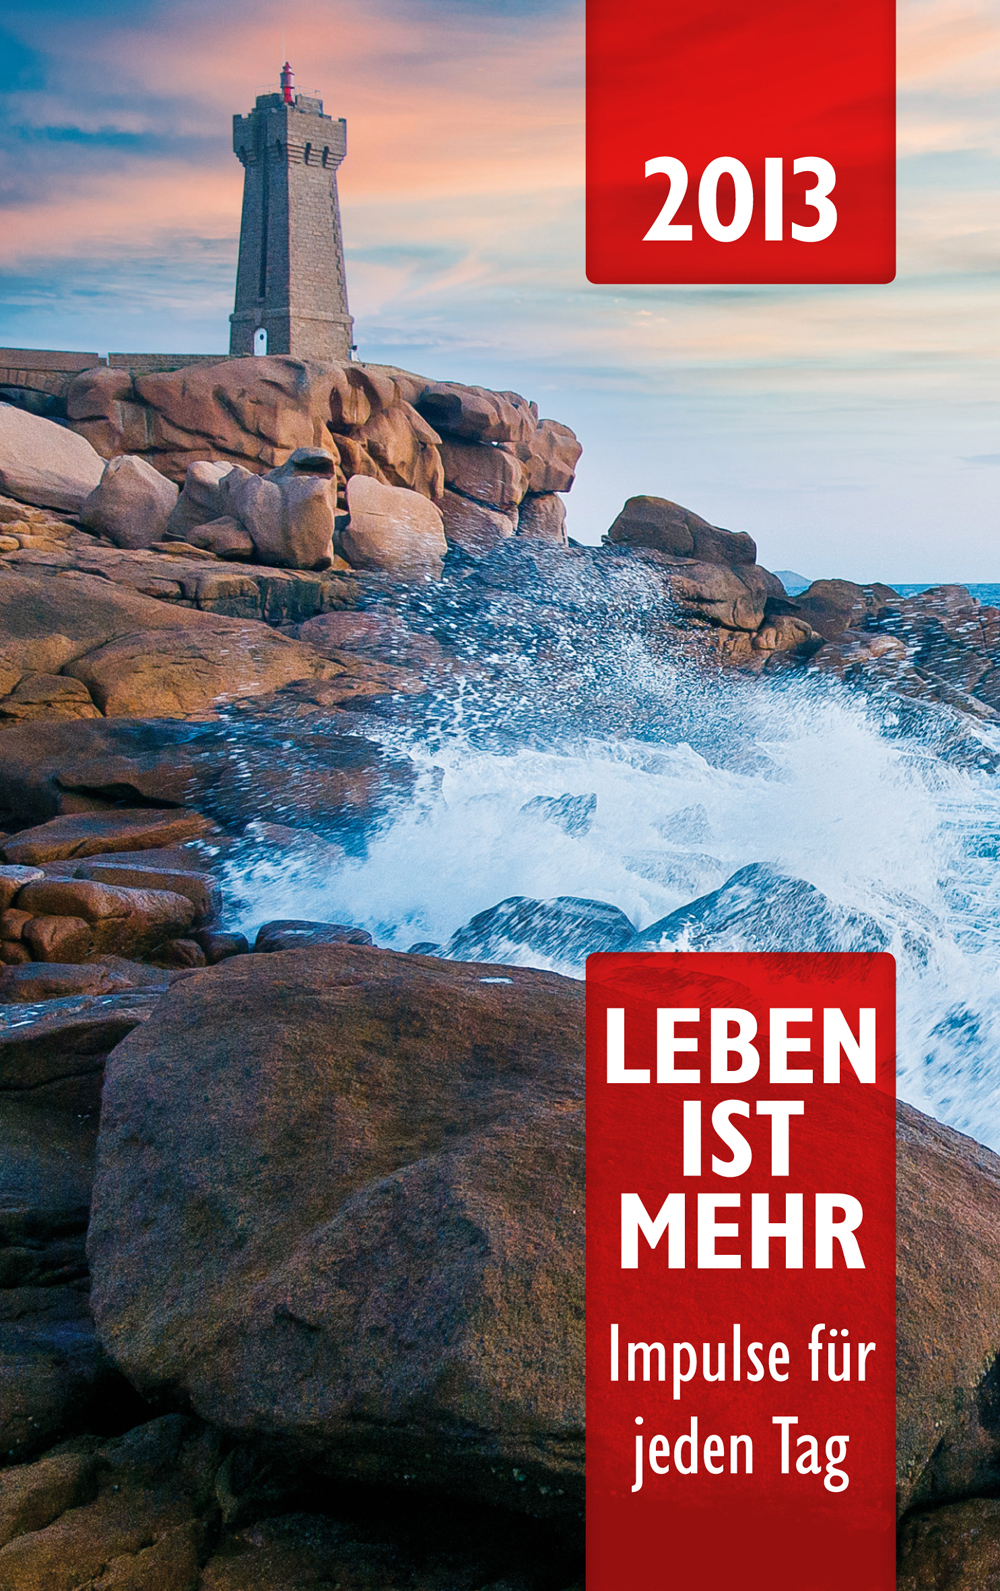 CLV_leben-ist-mehr-2013-paperback_256240_1